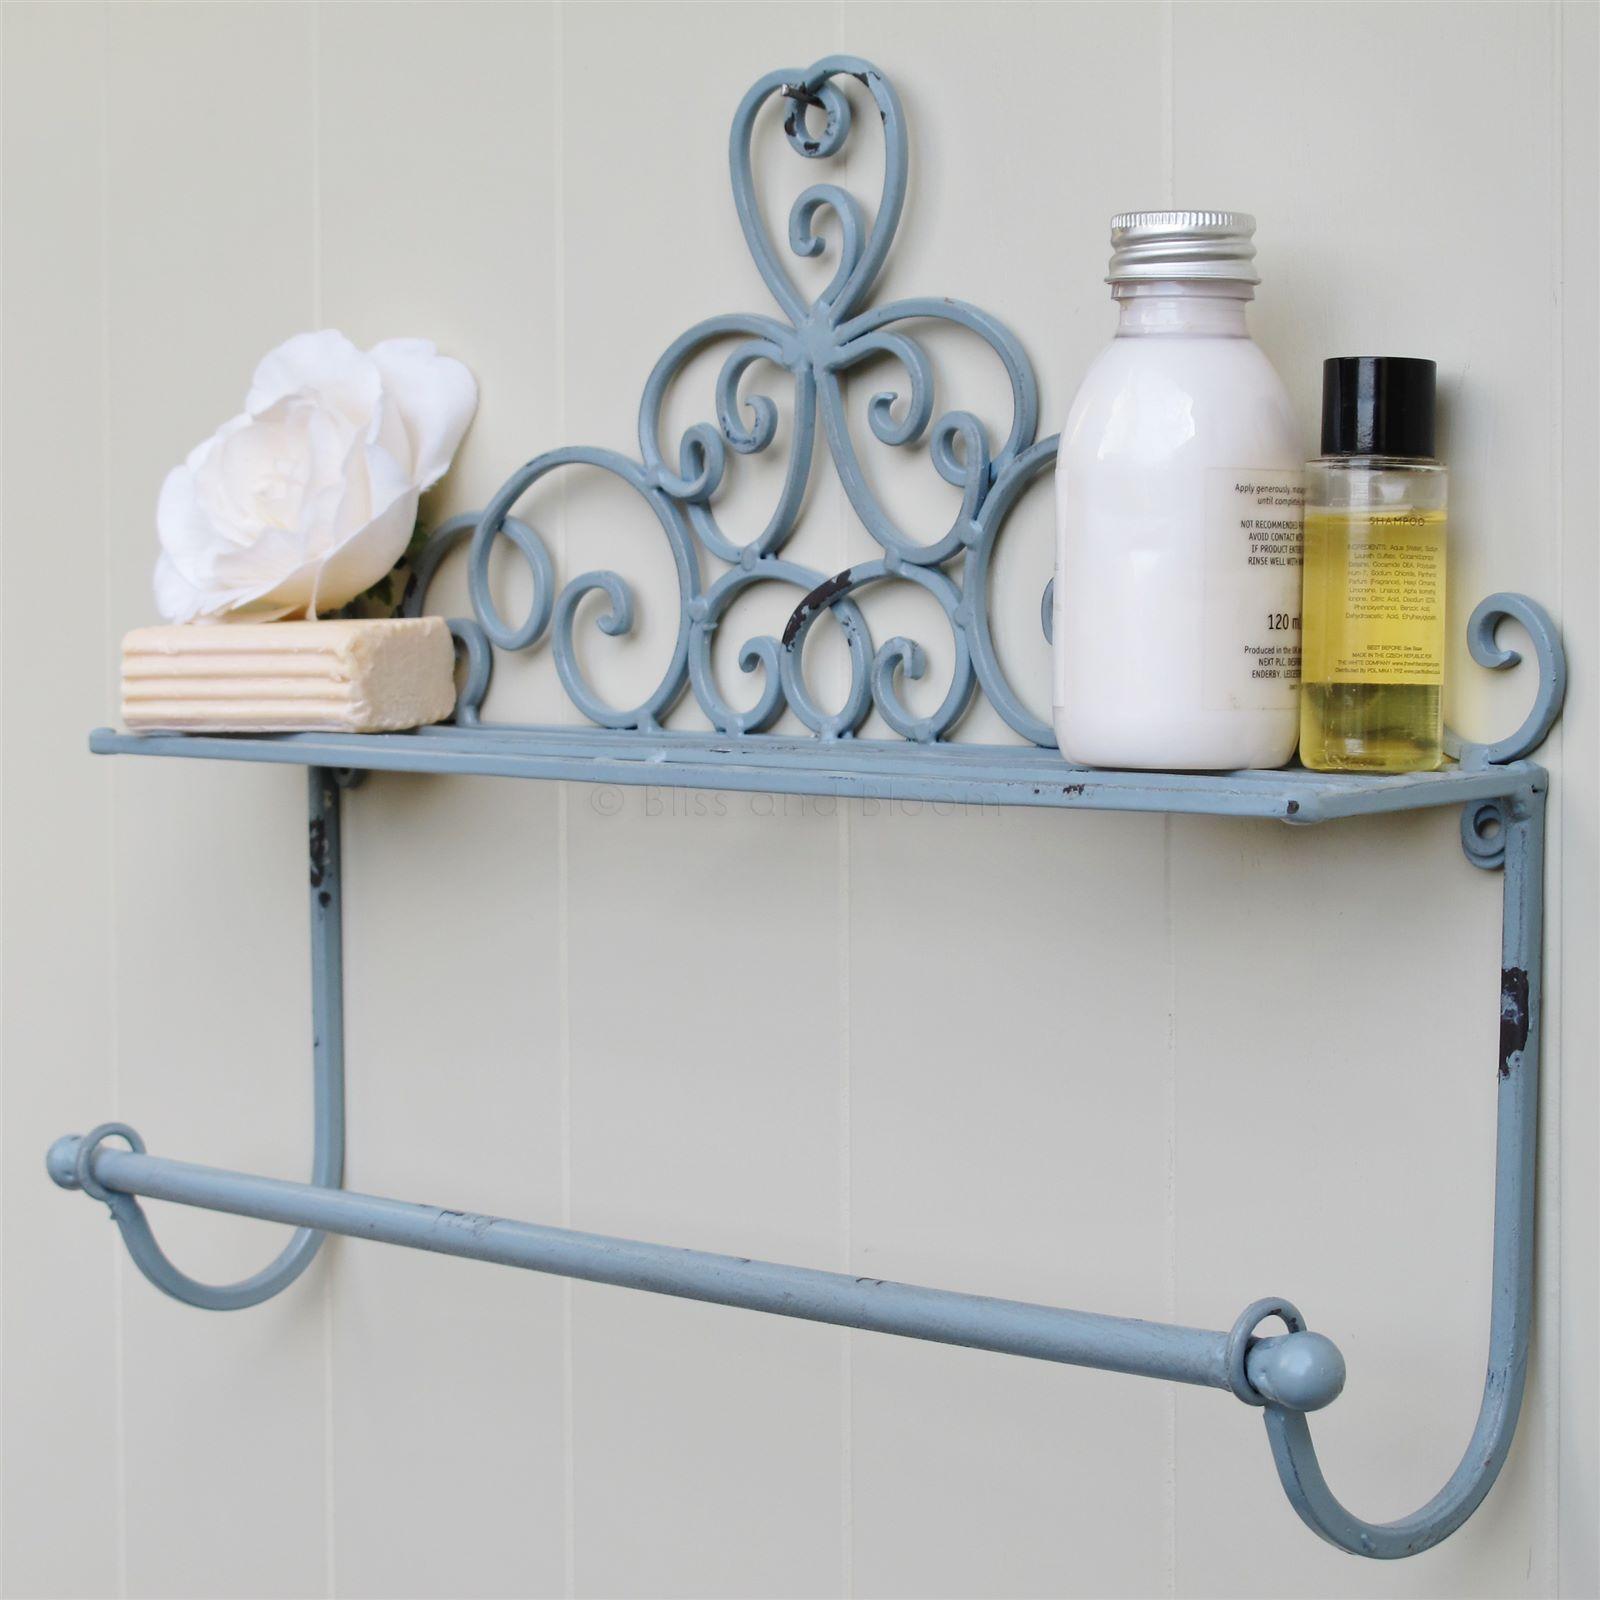 Grey Wall Shelf Towel Rail   Bliss and Bloom Ltd